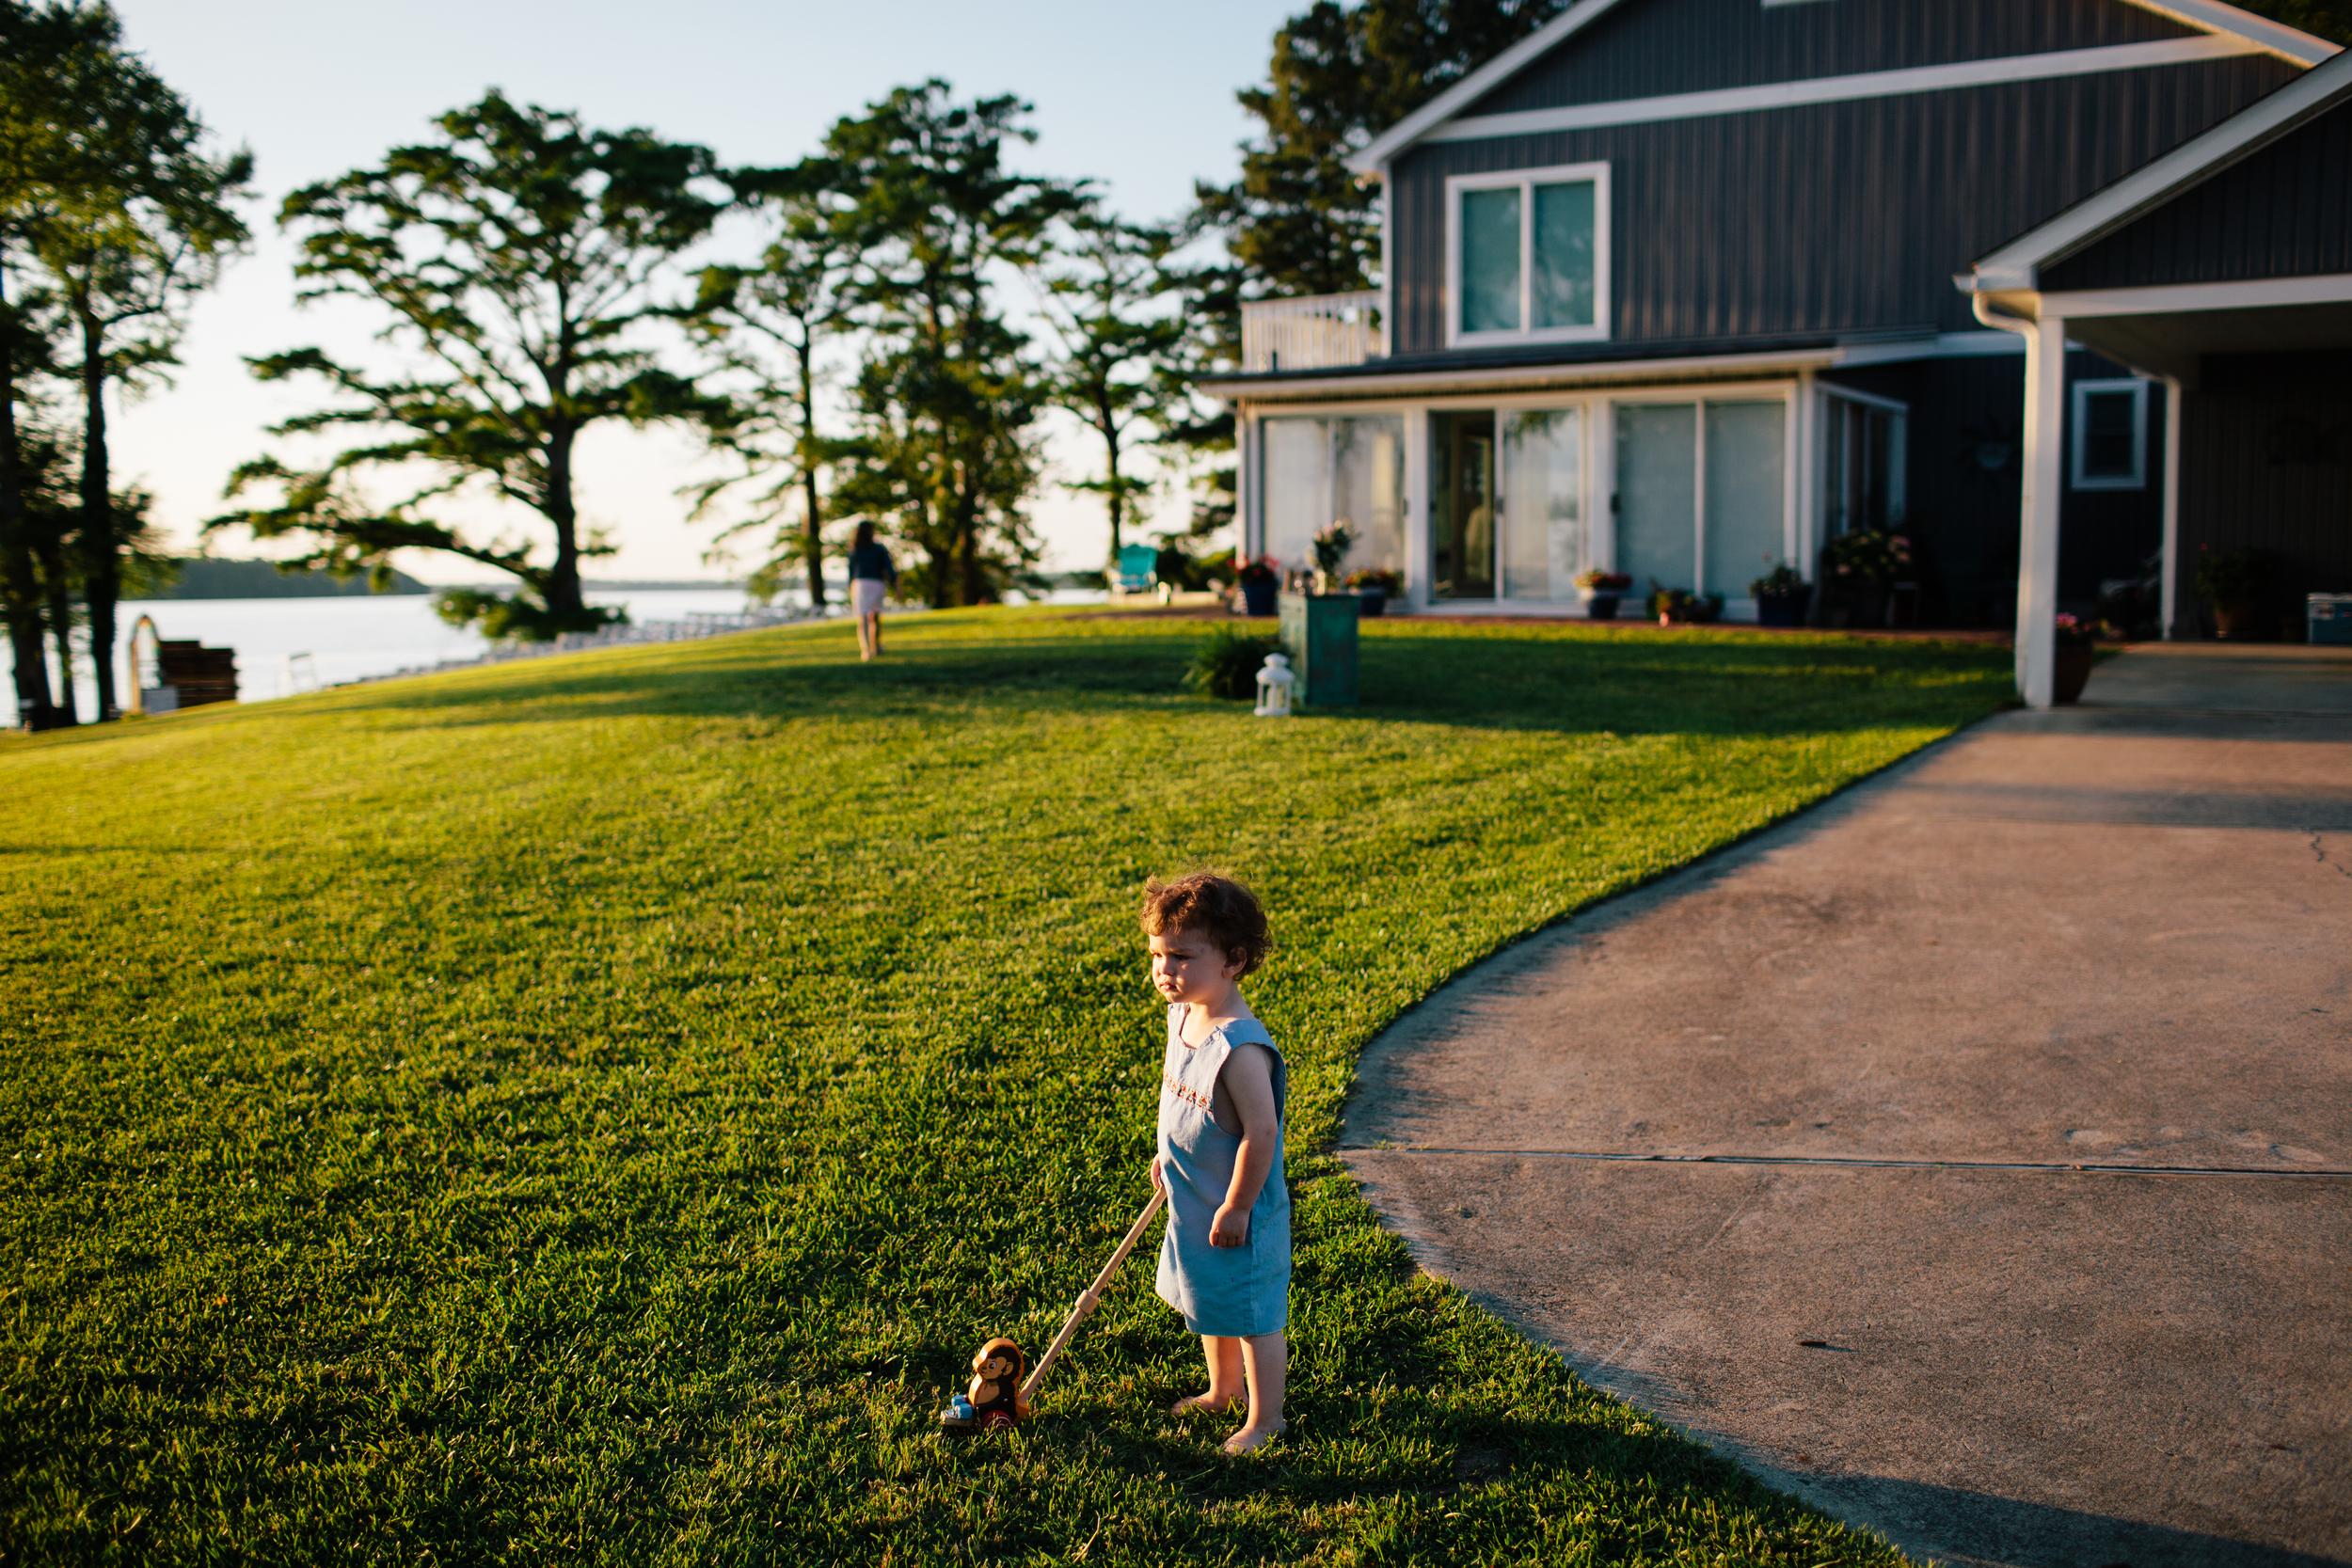 Christina-Hussey-Photography-SACCA-733.jpg